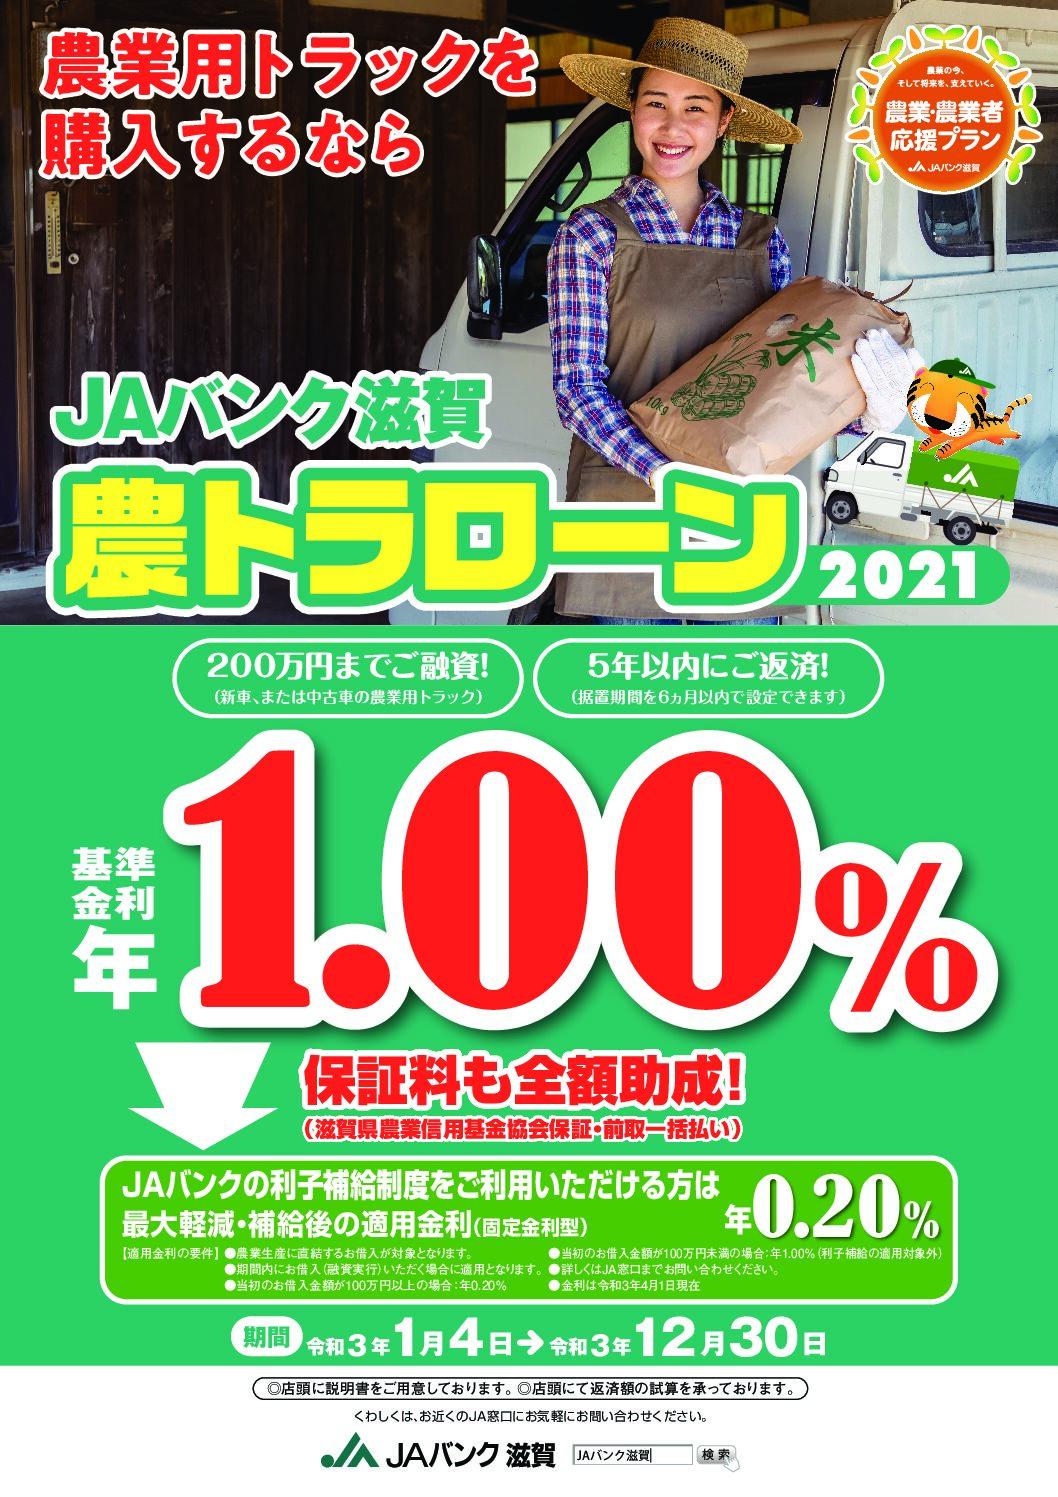 JAバンク滋賀 農トラローン2021